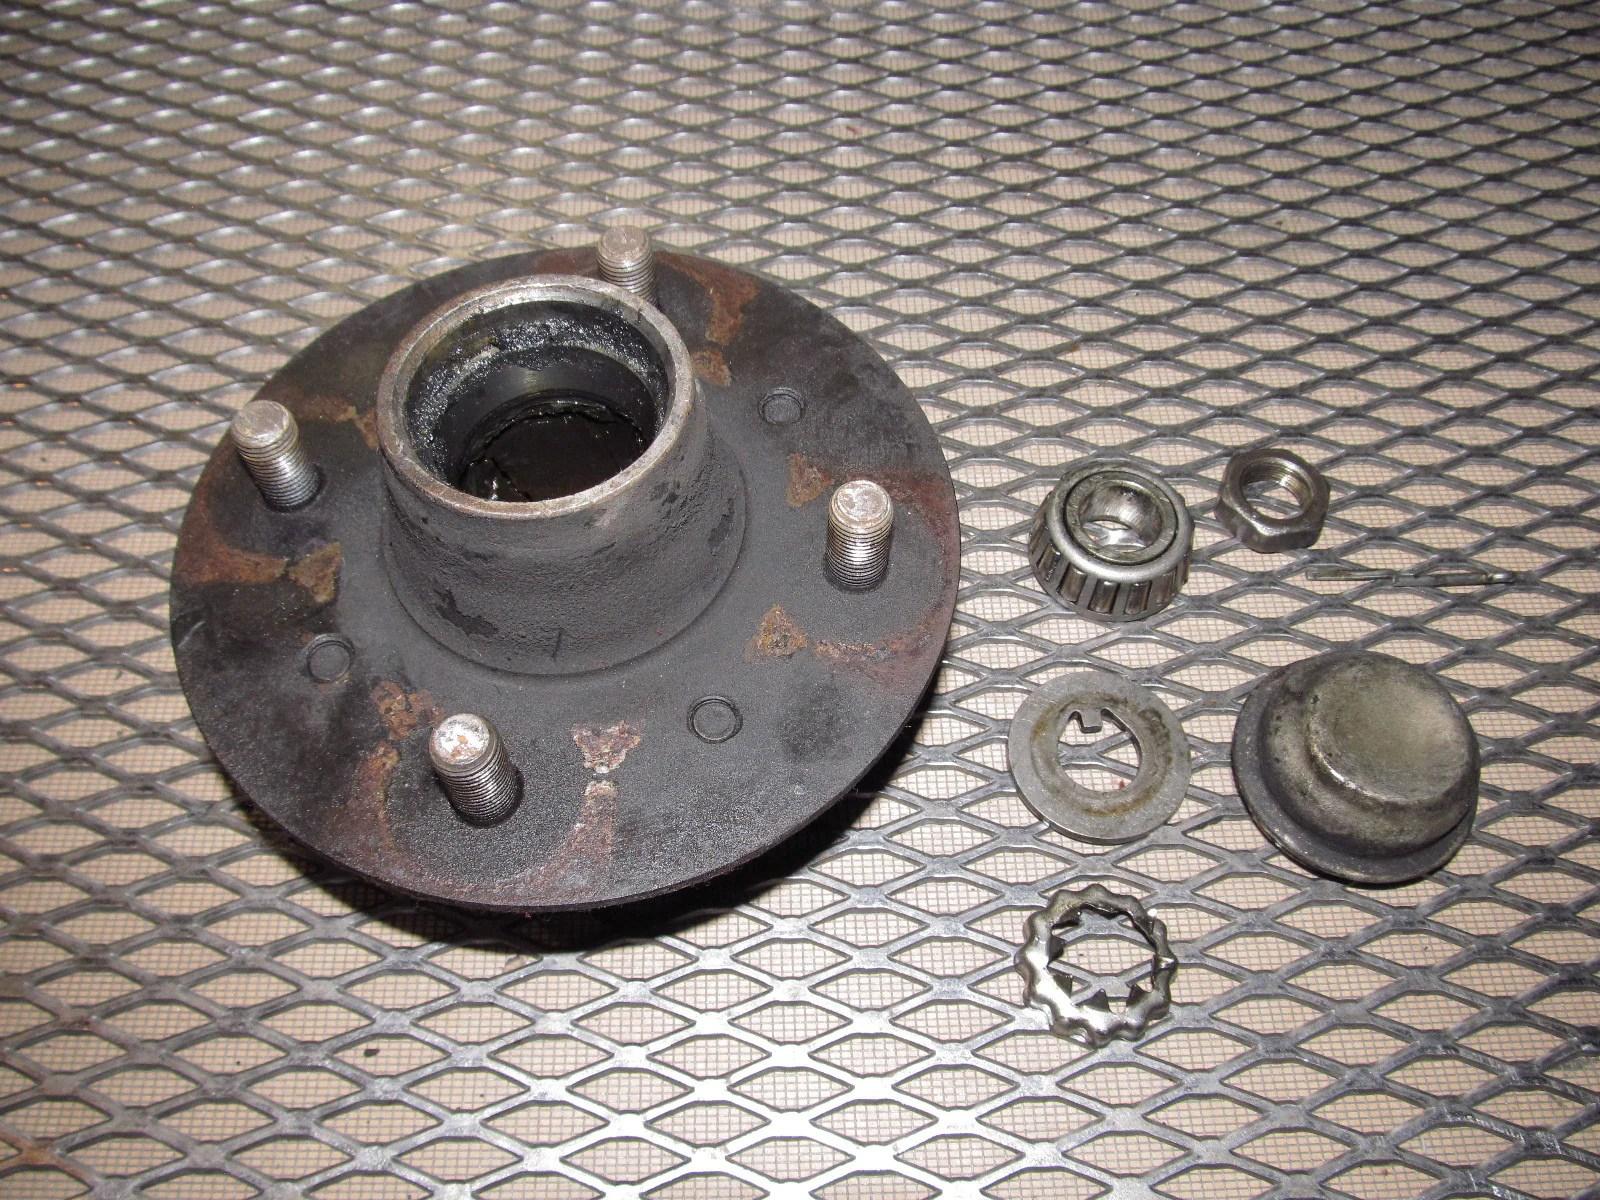 79 80 datsun 280zx oem front wheel hub bearing  [ 1600 x 1200 Pixel ]